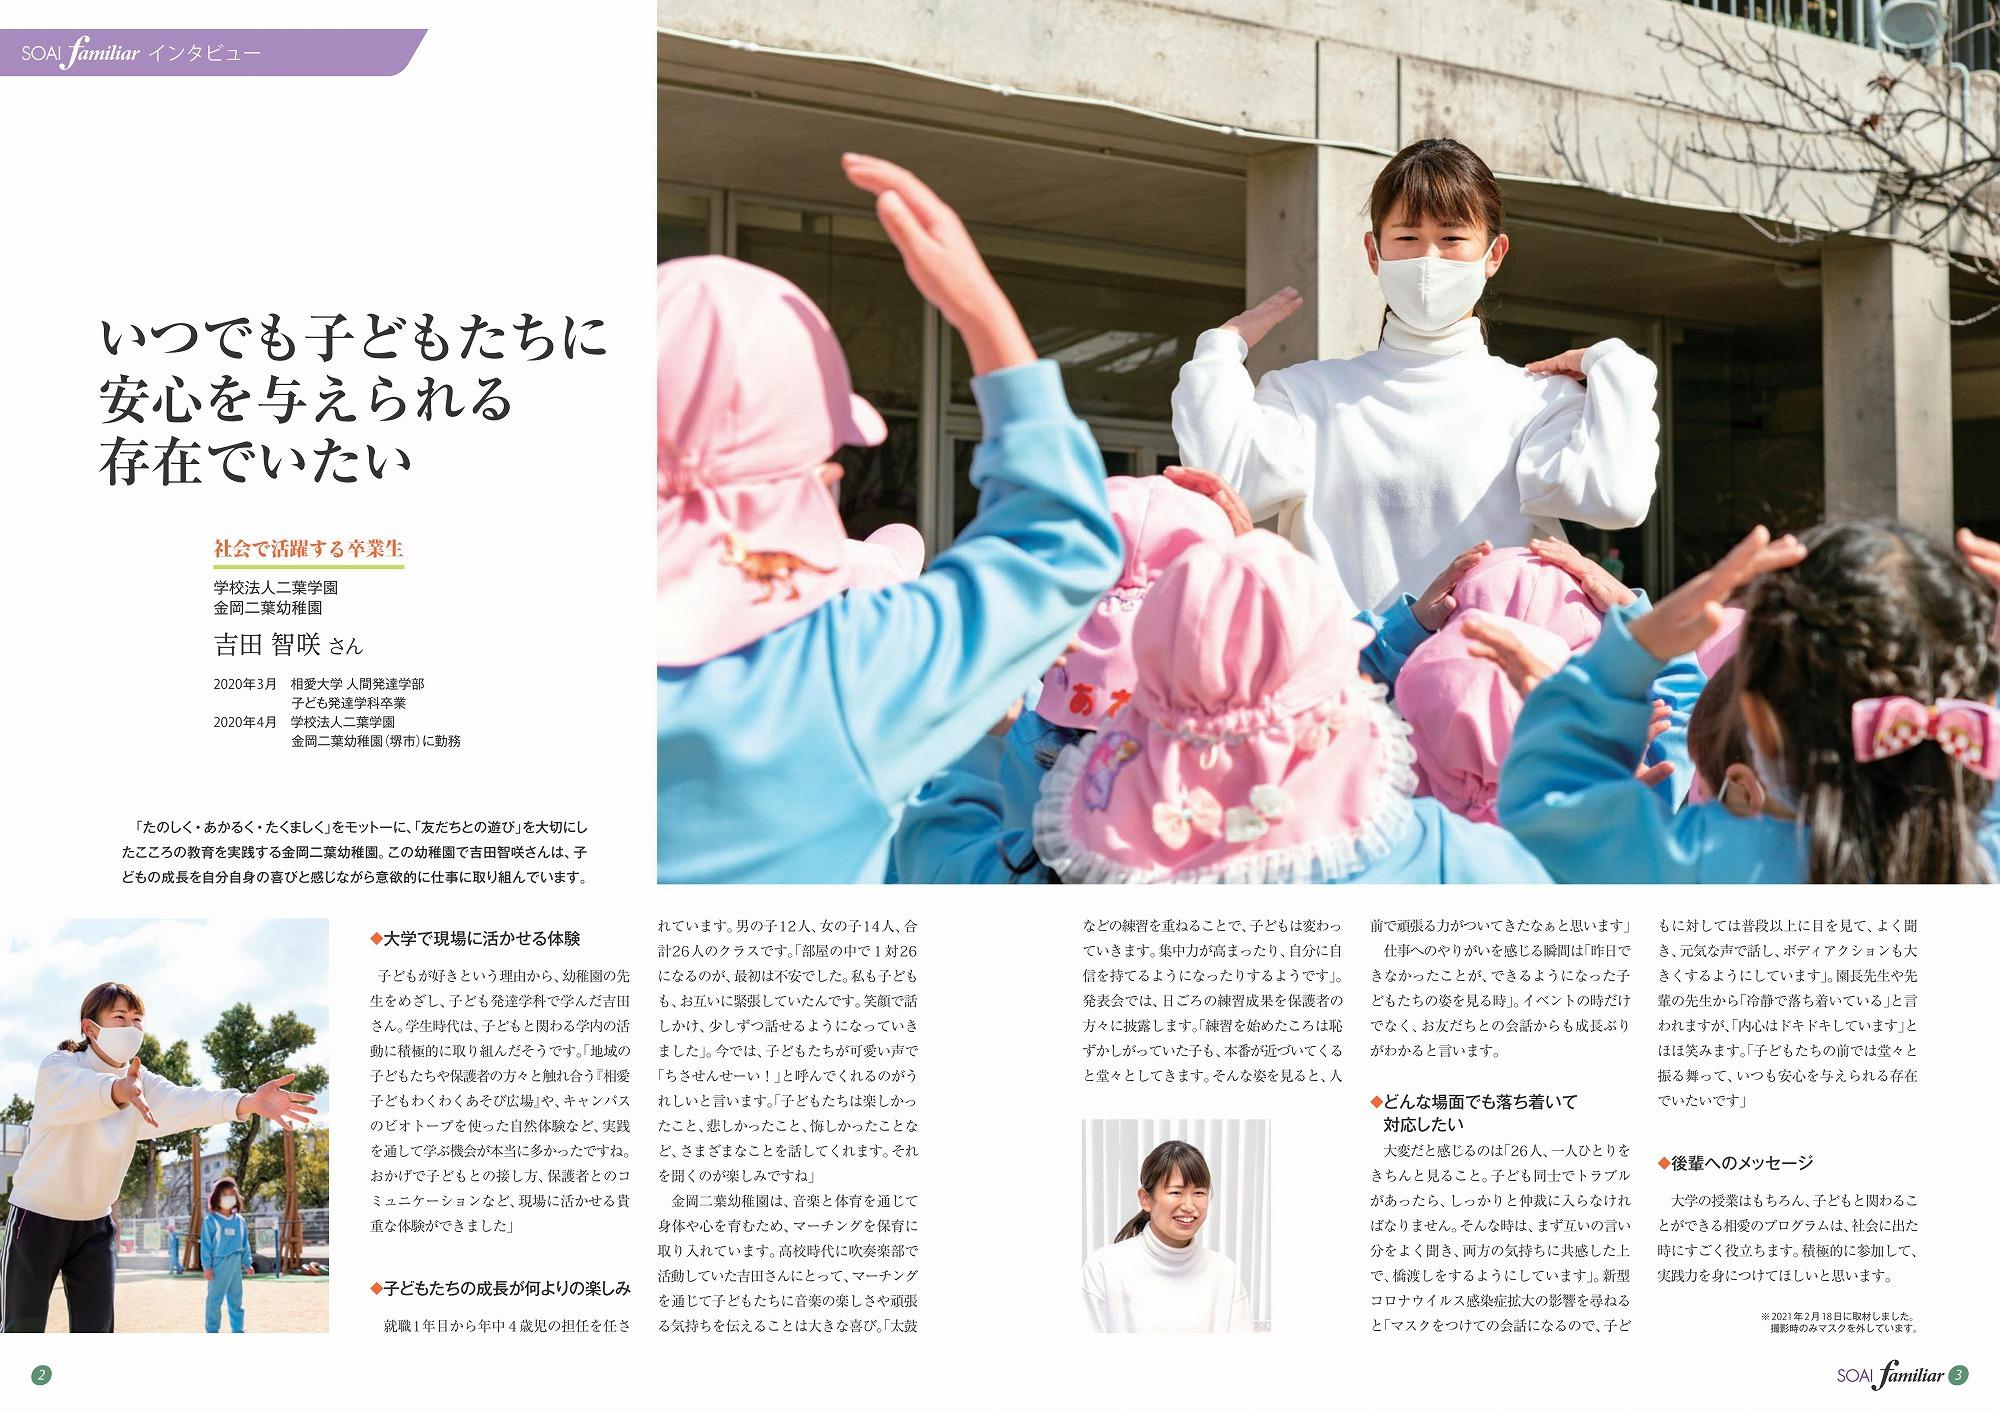 https://www.soai.ac.jp/information/news/2021_soaifamiliar_01.jpg